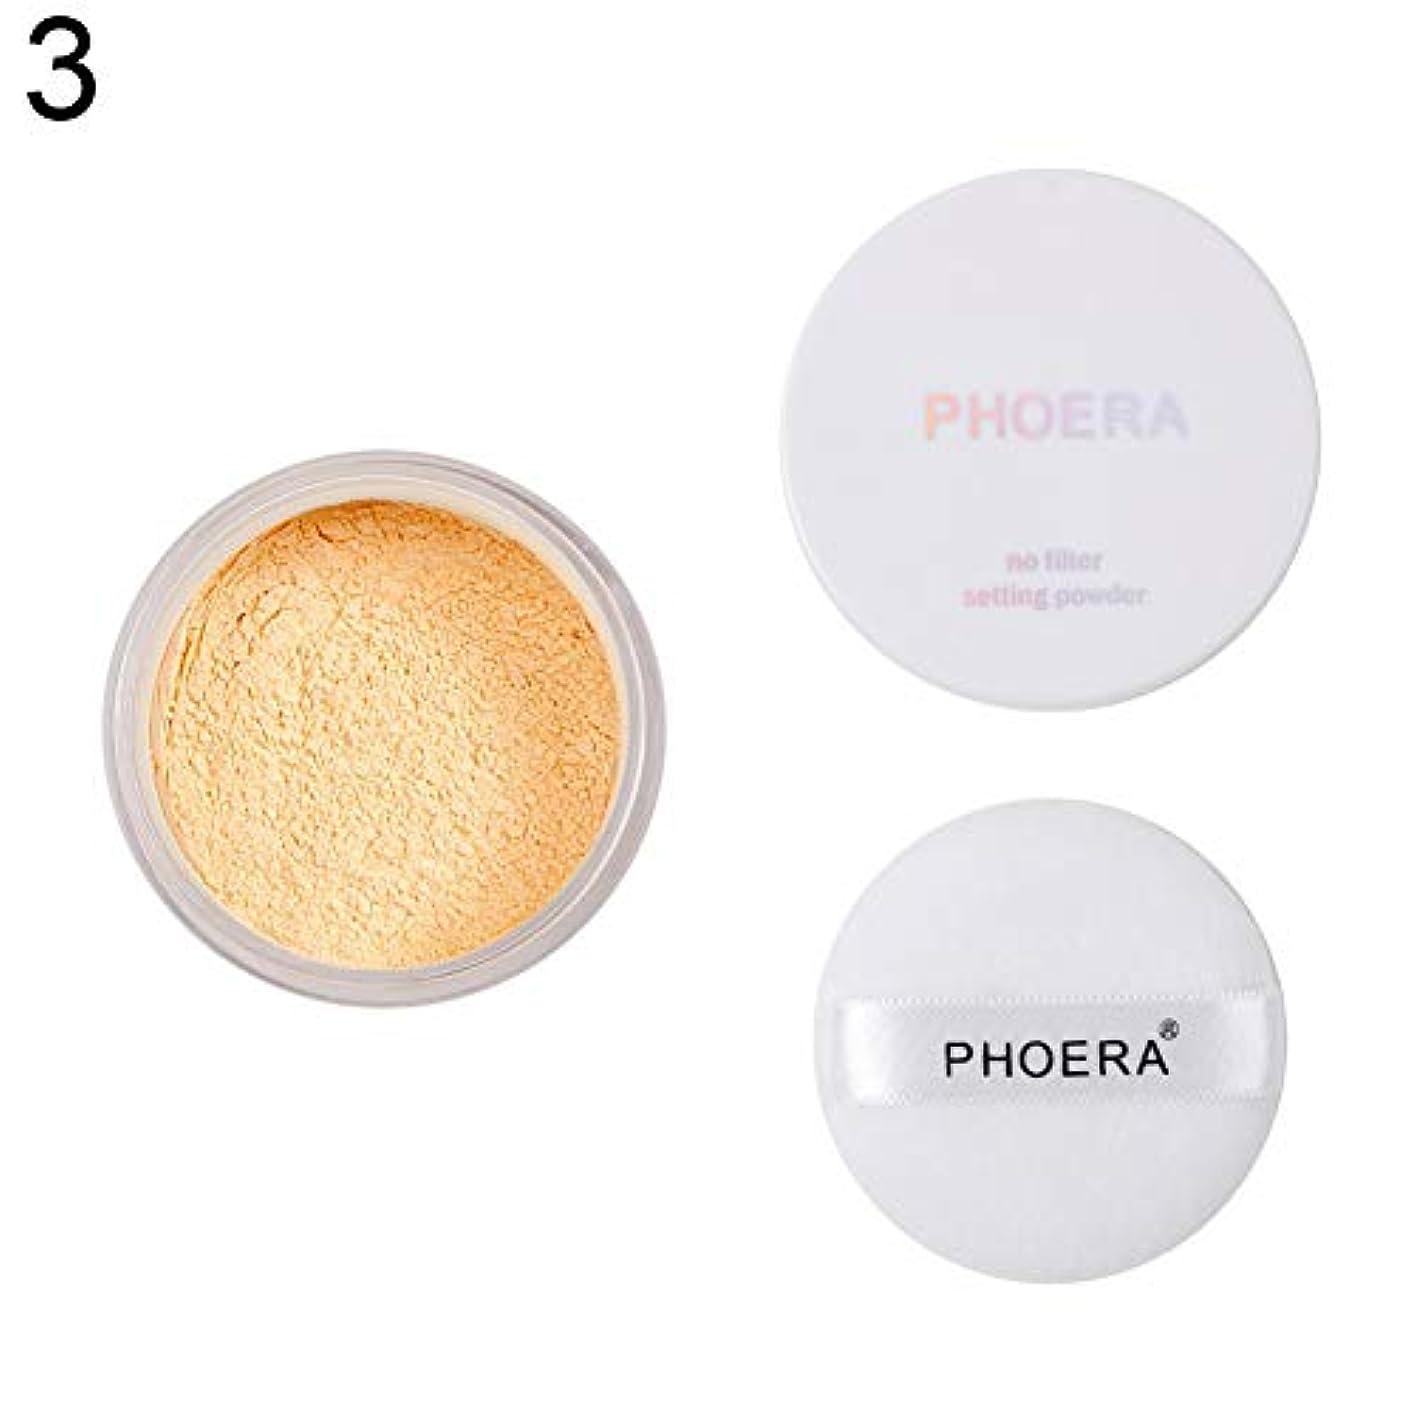 取り替えるスキャンダラスライムPHOERAマットルーズセッティングパウダーオイルコントロールブライトニングスキンフィニッシュ化粧品 - 3